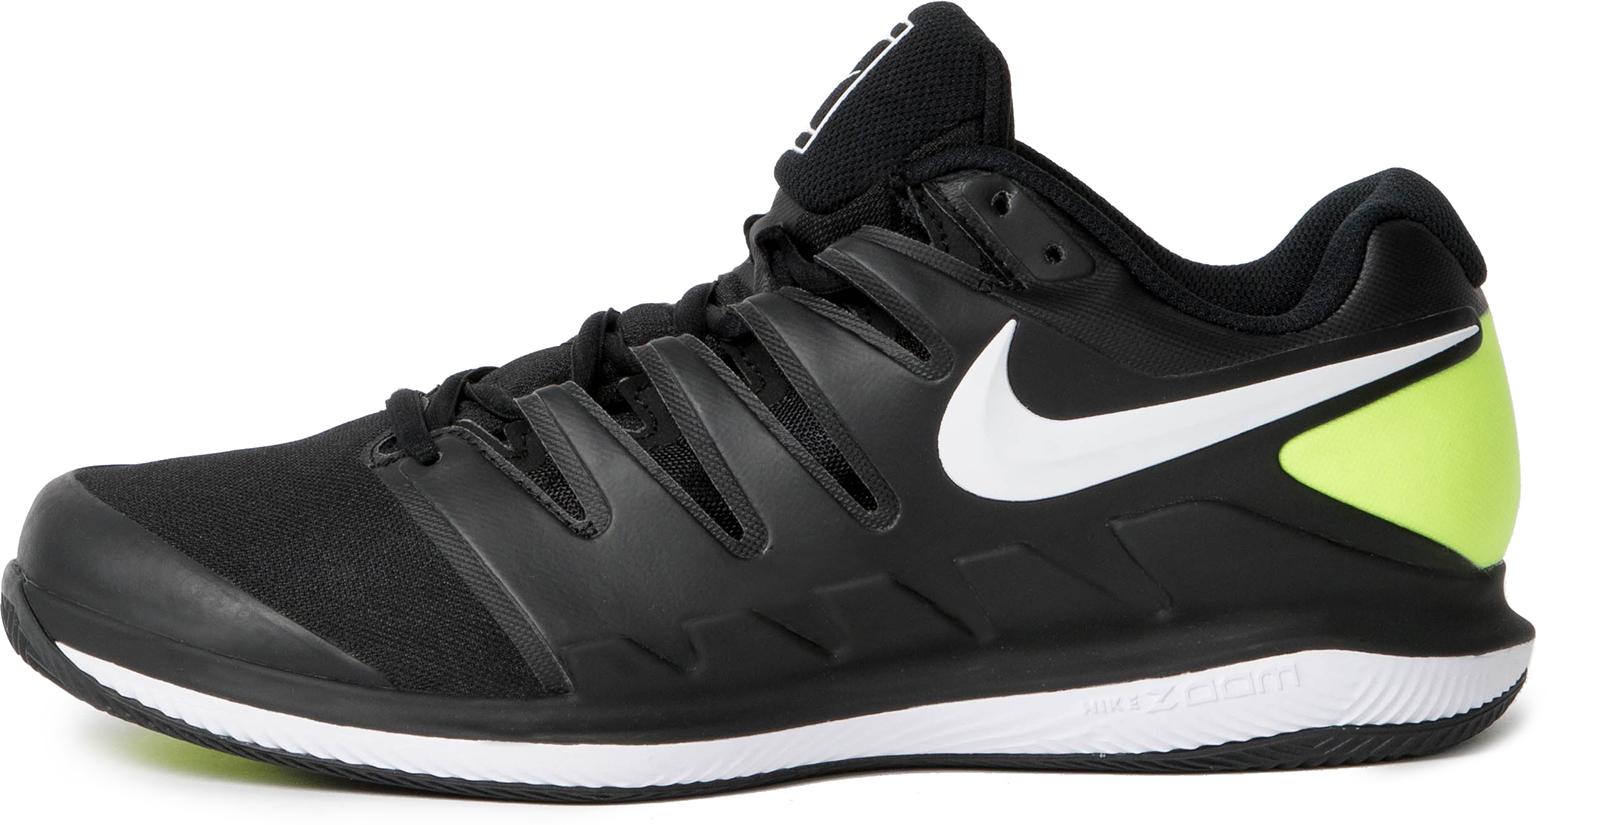 Фото - Nike Кроссовки мужские Nike Air Zoom Vapor X Clay, размер 42 nike zoom high jump iii